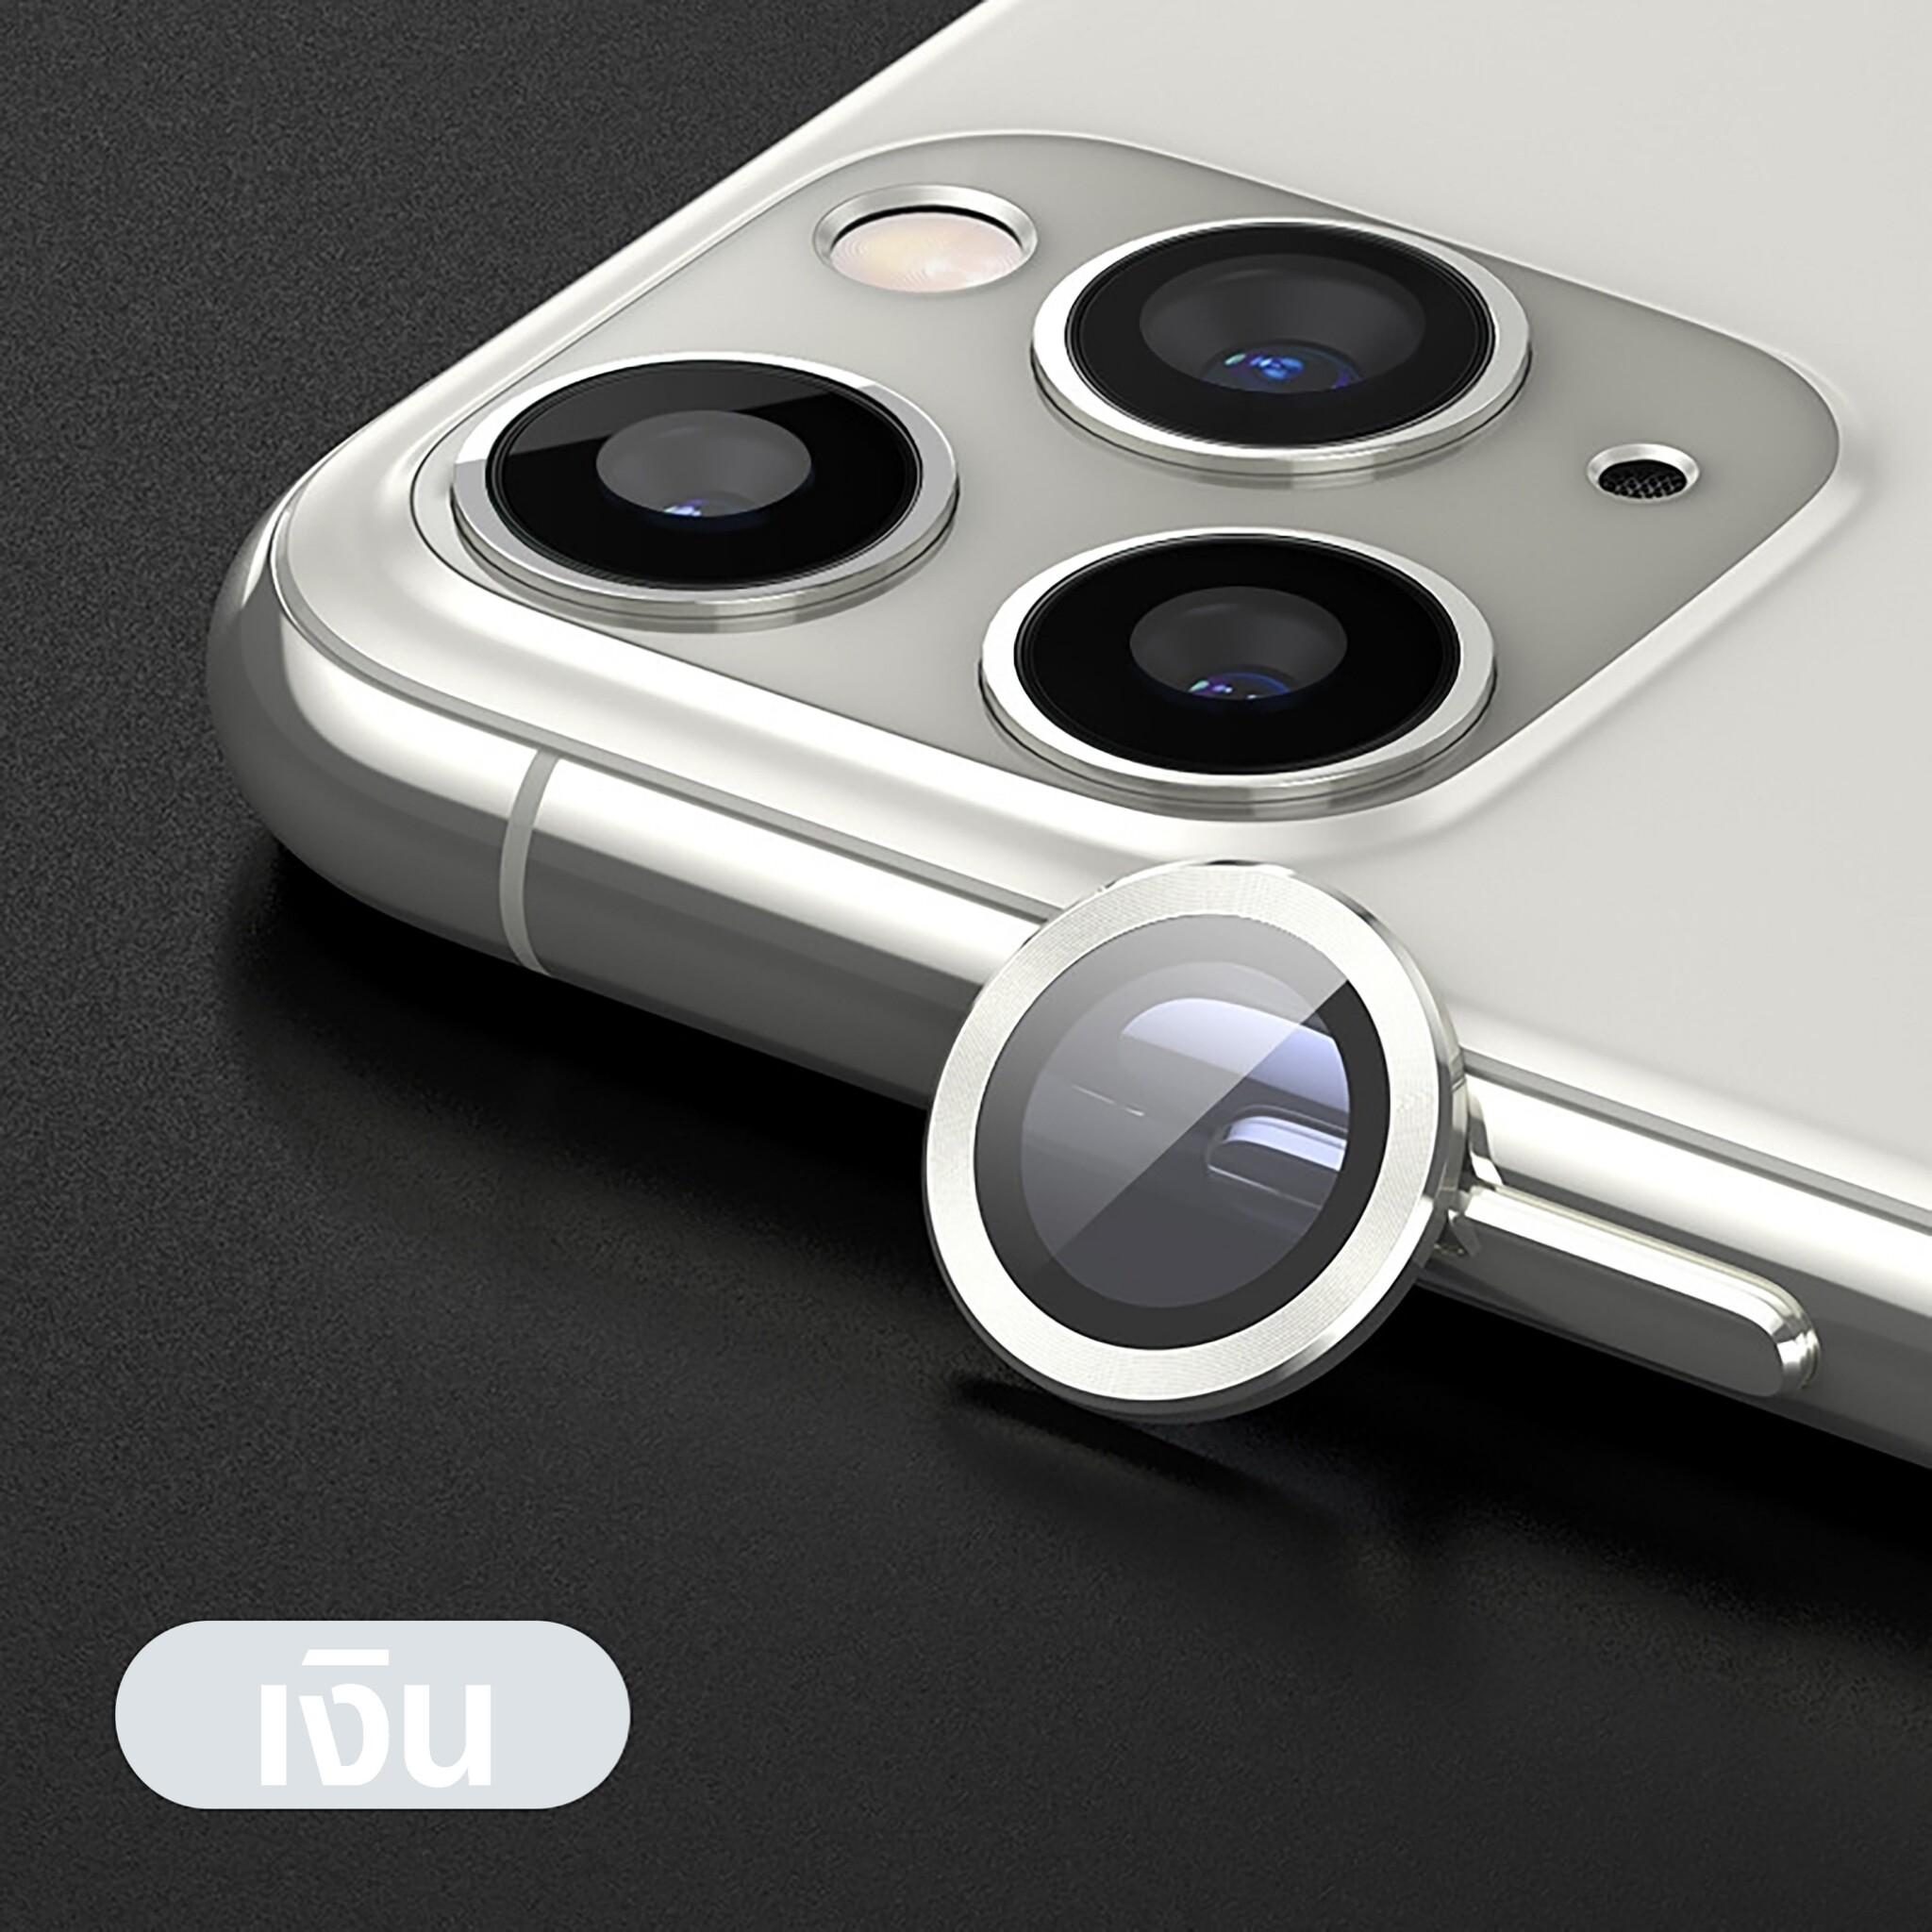 เลนส์กล้อง iphone 11 ฟิล์มกล้อง iphone 11 ฟิล์มกล้องไอโฟน11 ฟิล์มกล้อง SE 2020 ฟิล์มเลนส์กล้องไอโฟน 11 ฟิล์มกระจกเลนส์กล้อง เลนส์กล้อง iphone 11 ฟิล์มวงแหวน ฟิล์มครอบเล